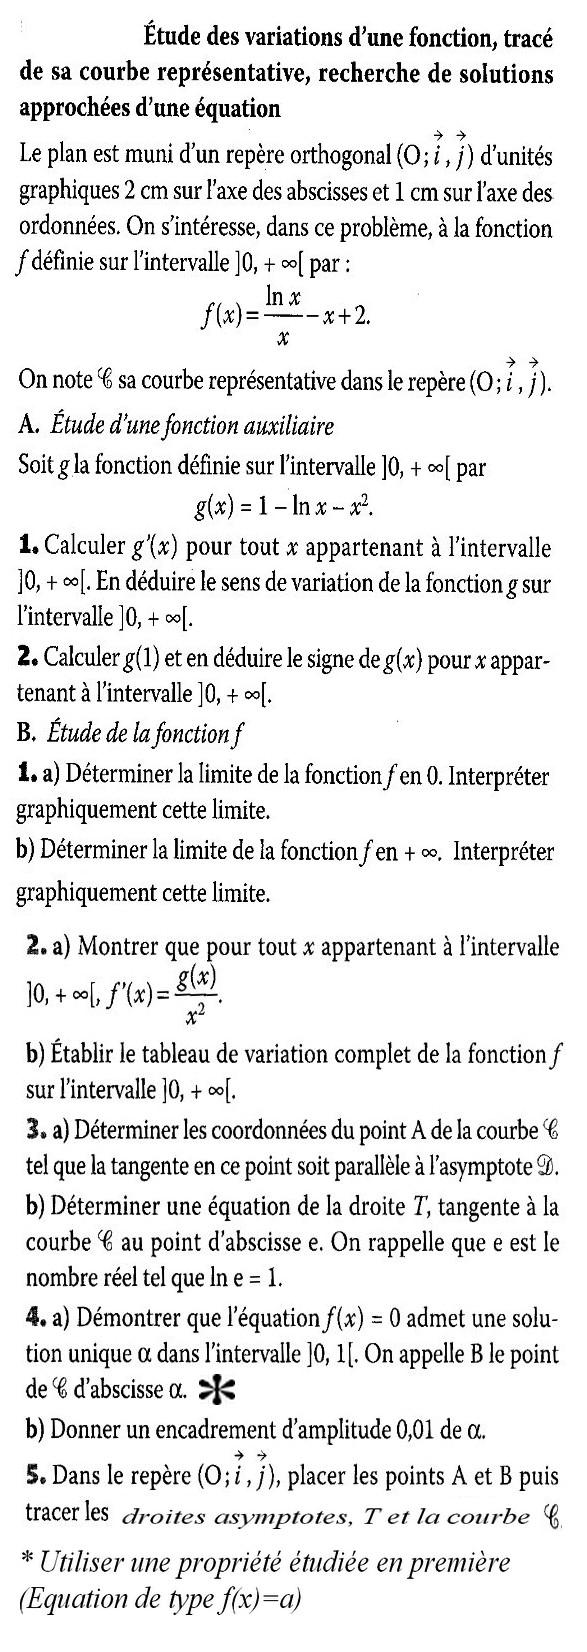 Etude d'une fonction ln